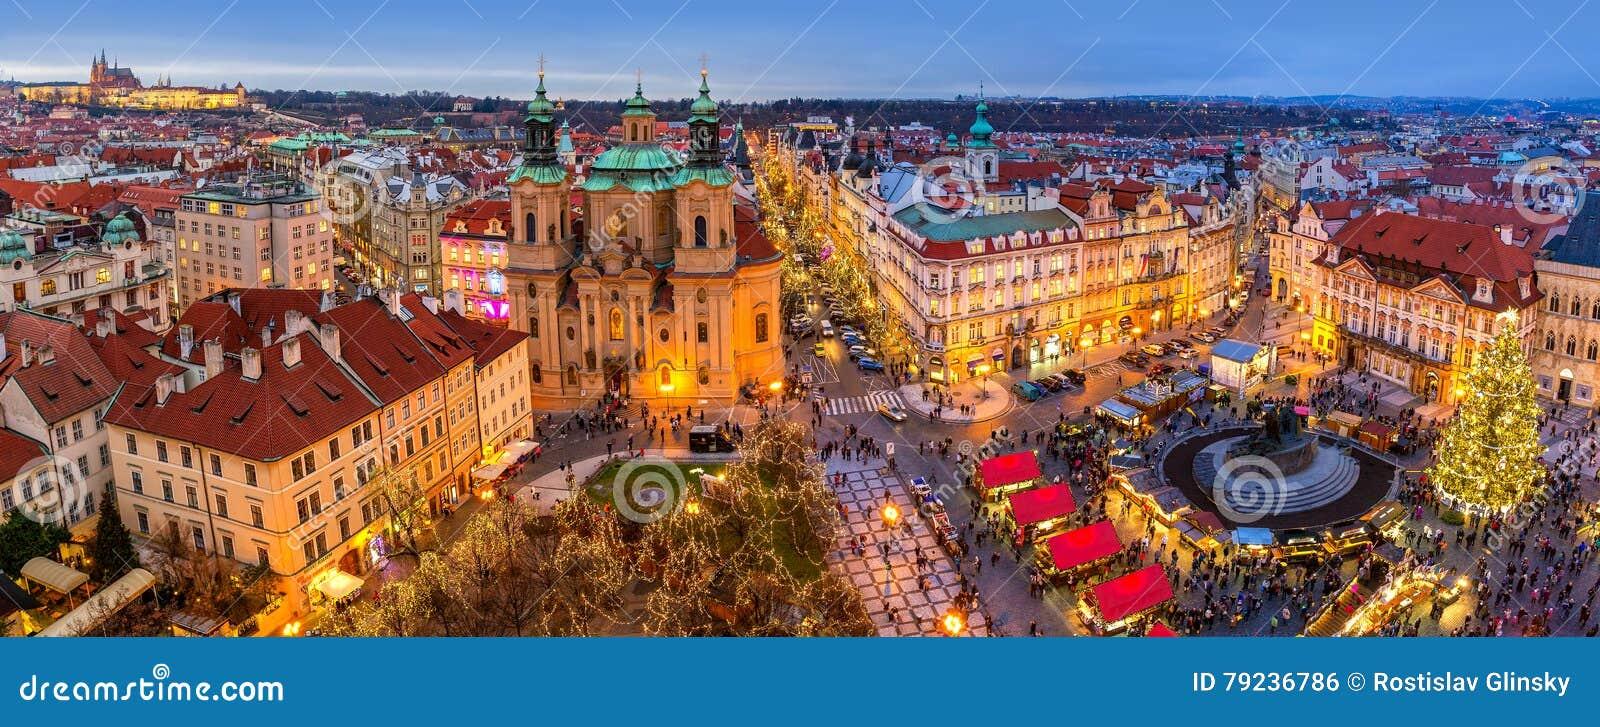 Panorama der alten Stadt von Prag zur Weihnachtszeit